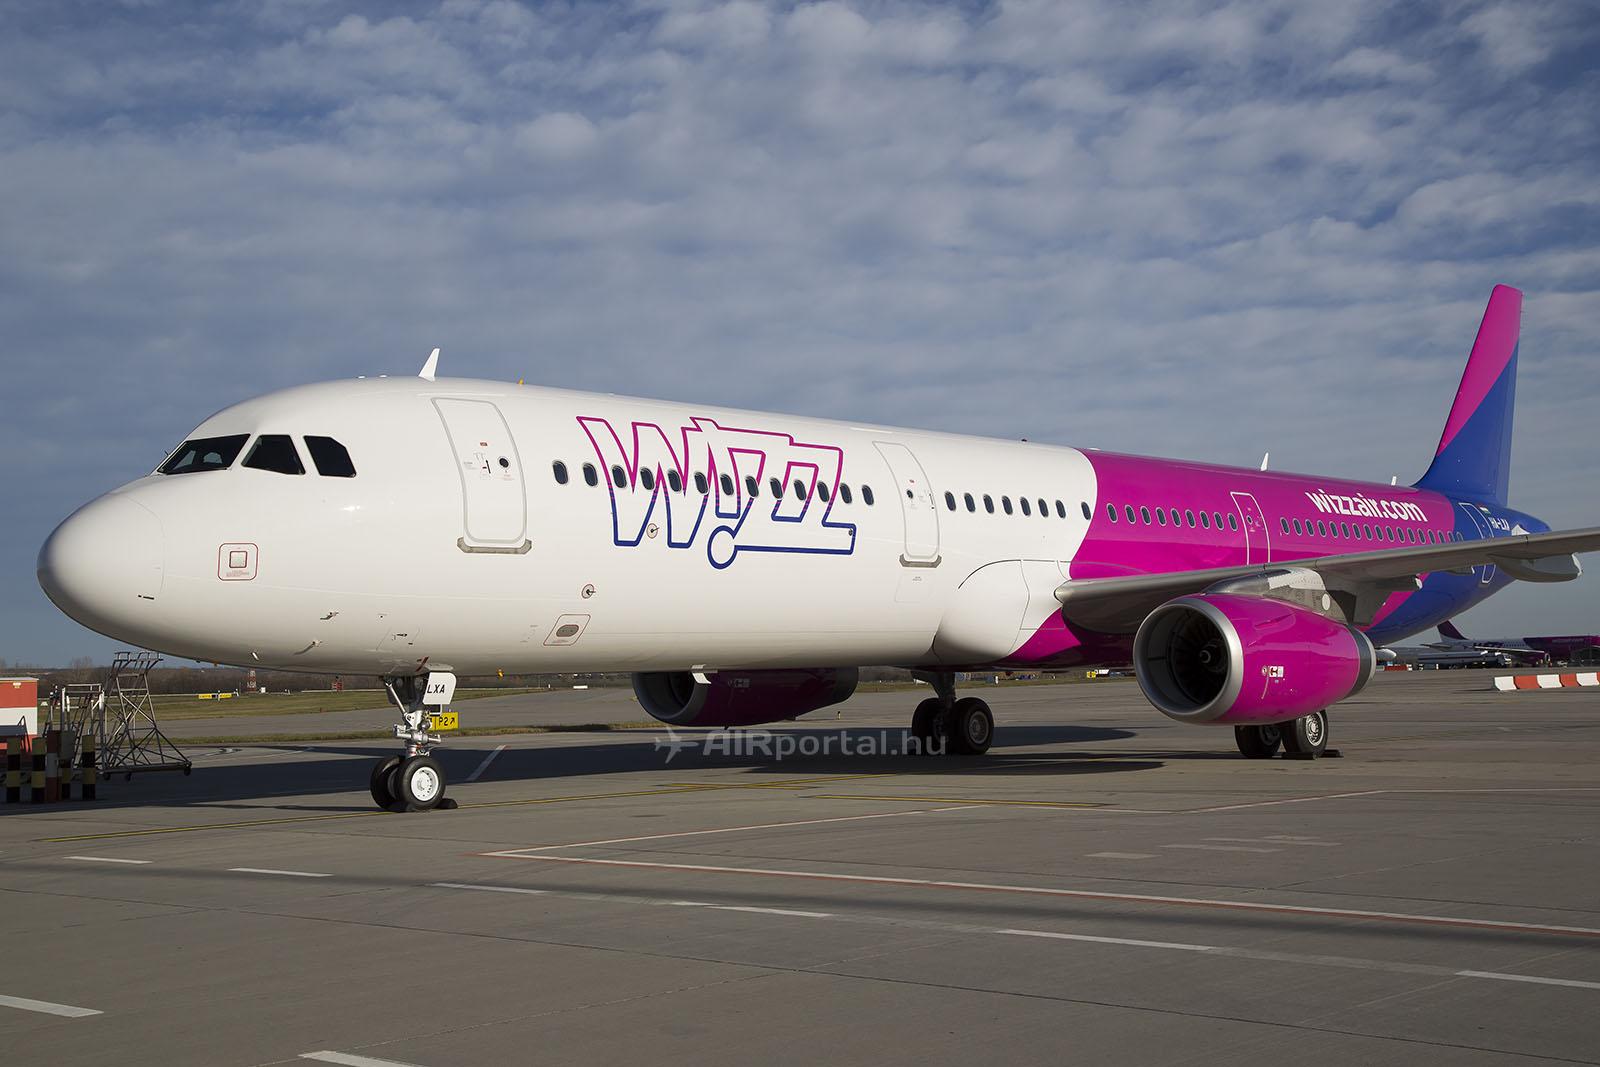 A Wizz Air ismét gazdagabb lett egy Airbus A321ceóval. Fotónk egy korábbi példányról készült. (Fotó: AIRportal.hu)   © AIRportal.hu